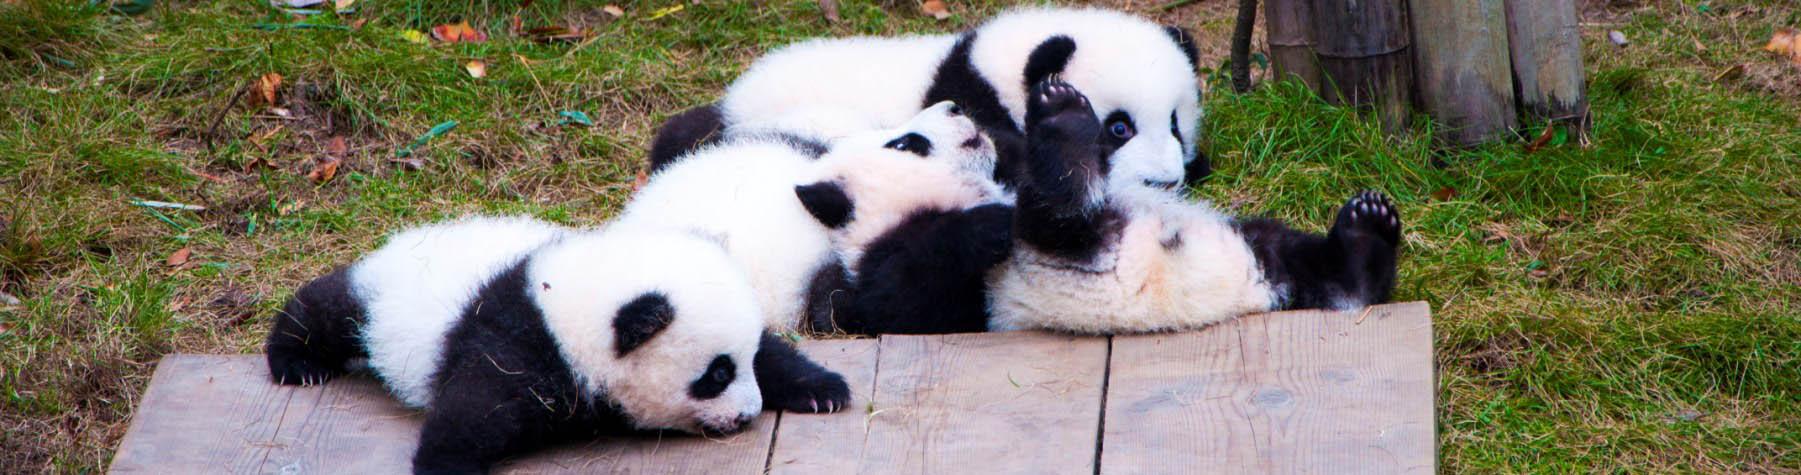 Bekijk (baby)panda's in Chengdu